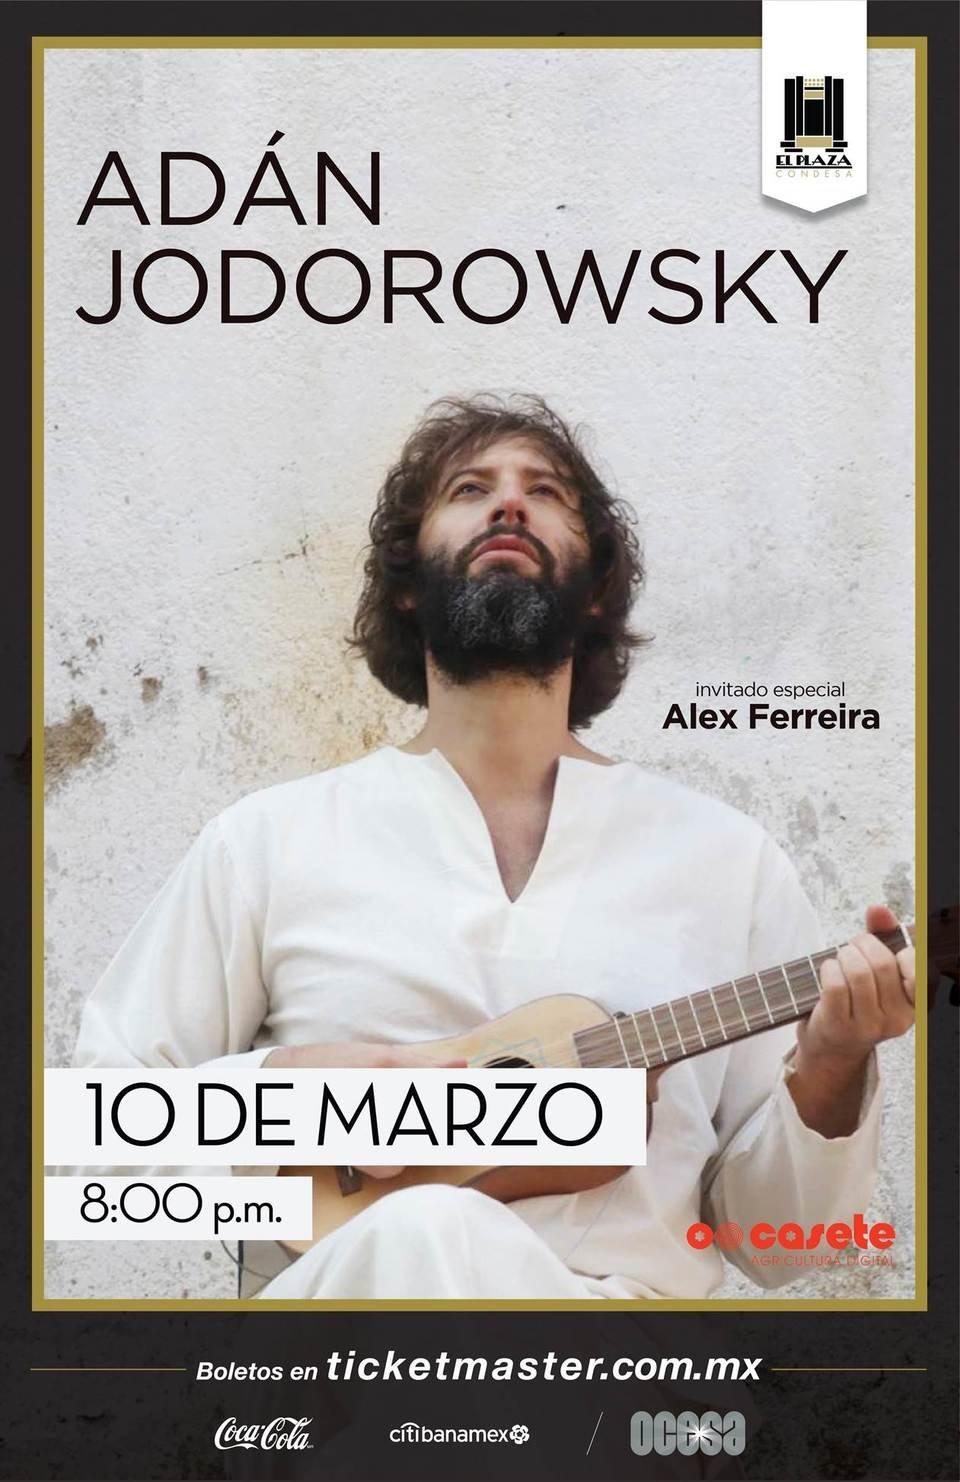 Póster oficial, Adán Jodorowsky en El Plaza Condesa.